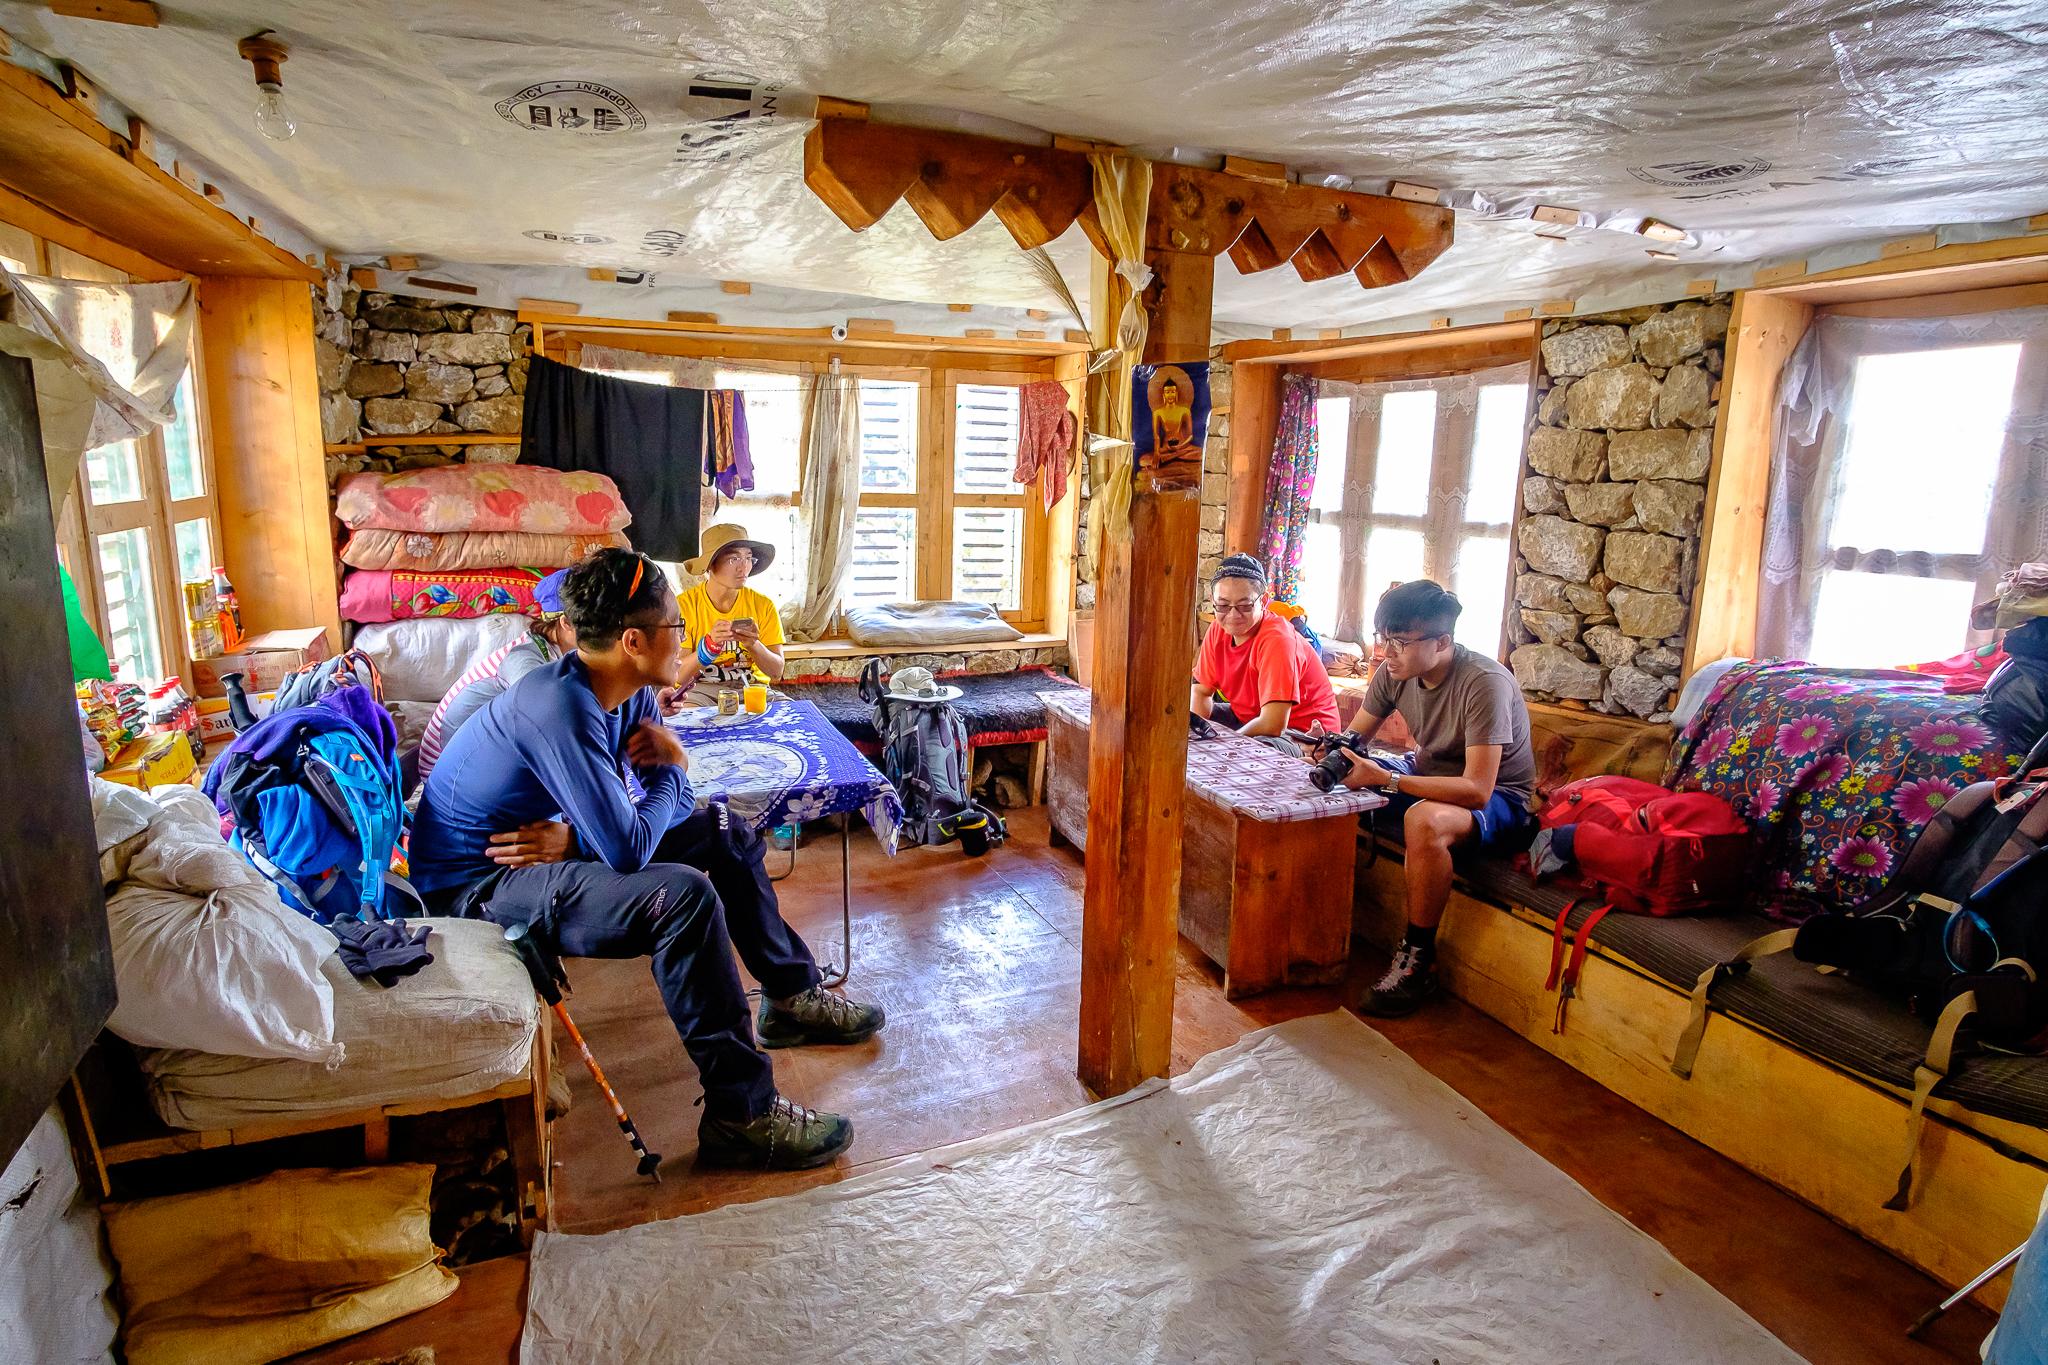 EverestTrekPart3_007.jpg